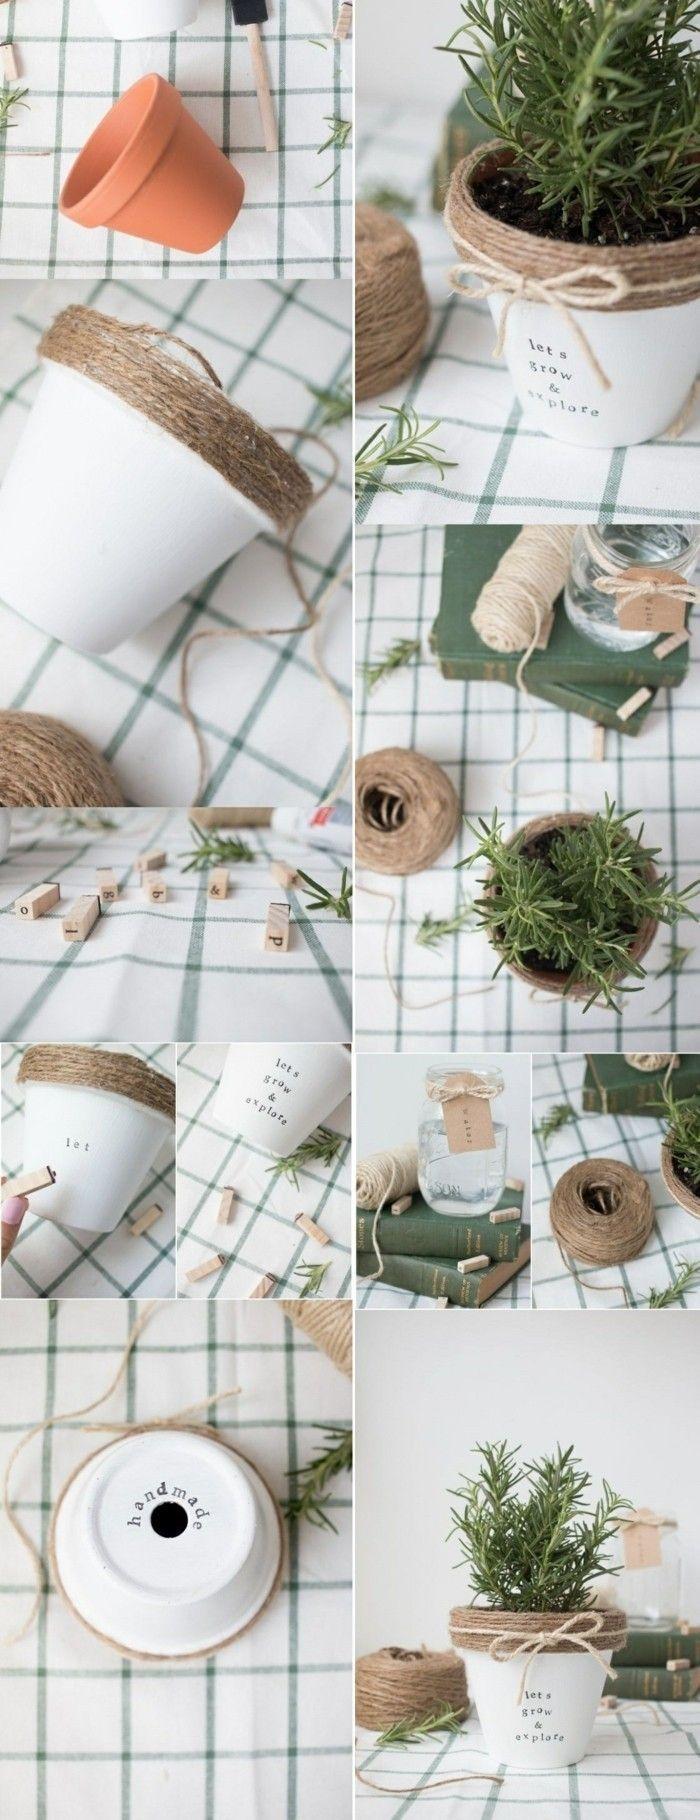 DIY-Ideen fr Ihr Zuhause: Kreativitt kennt keine Grenzen - Diy buy and sell ideas - #buy #DIY #DIYId...